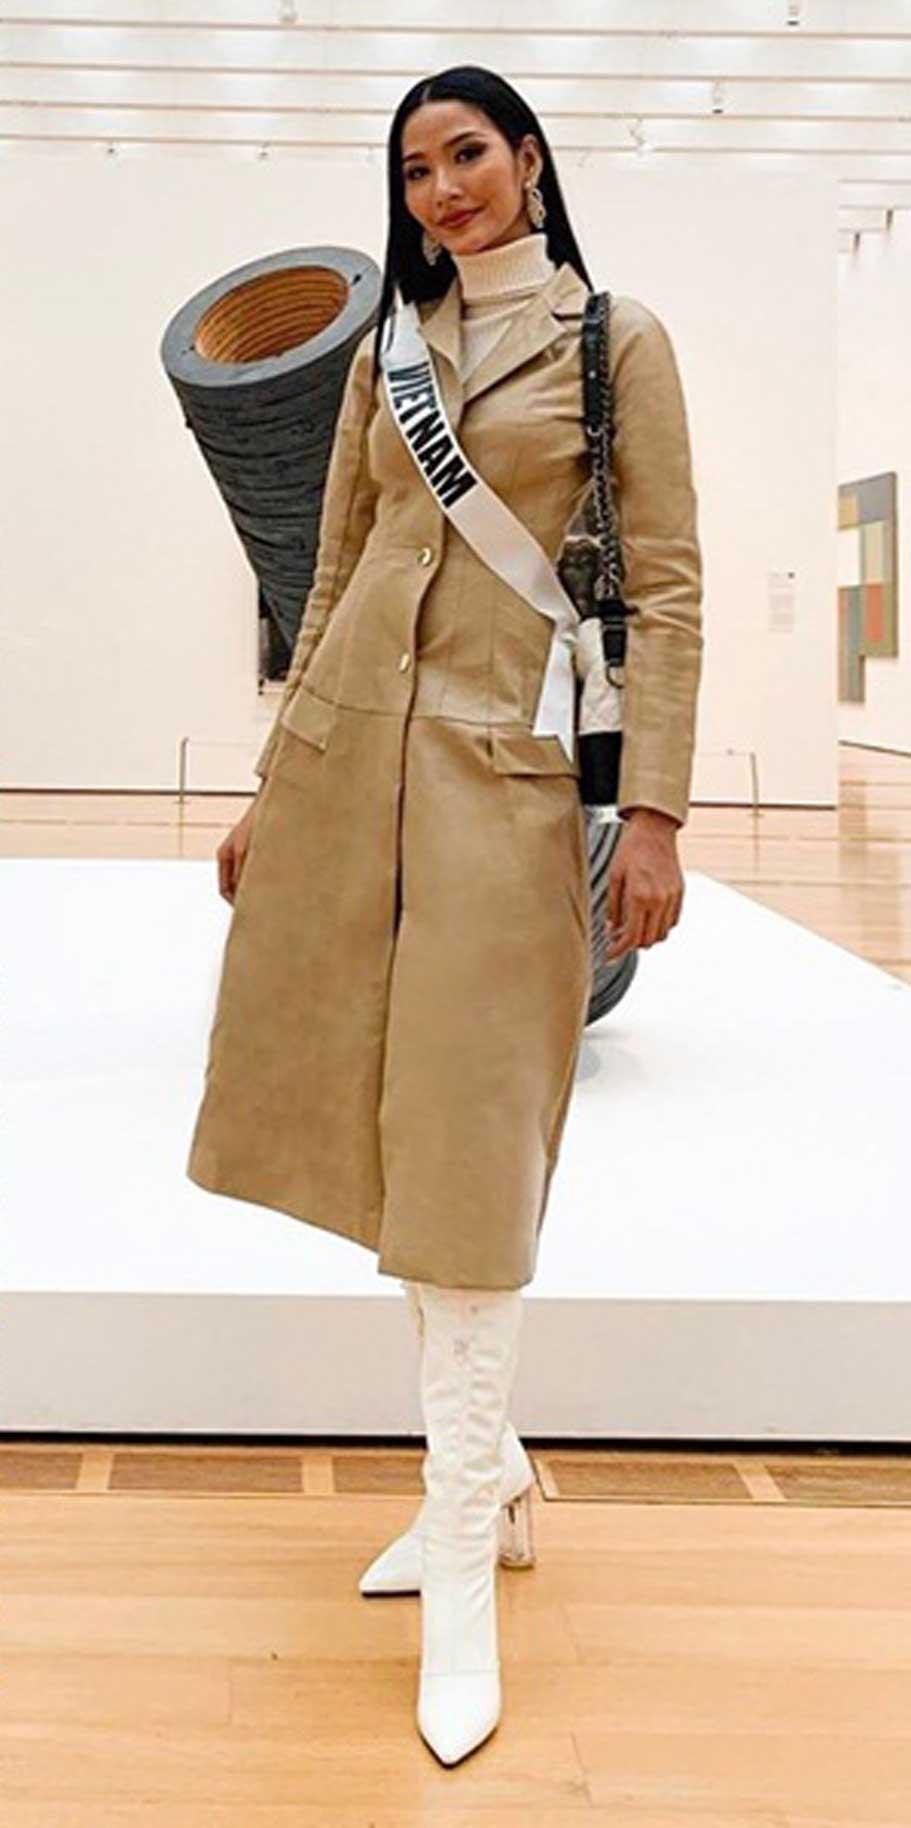 Quán quân Vietnam next's Top Model 2011 khẳng định gu thời trang hiện đại, năng động với đôi boot trăng và chiếc áo khoác màu kem.